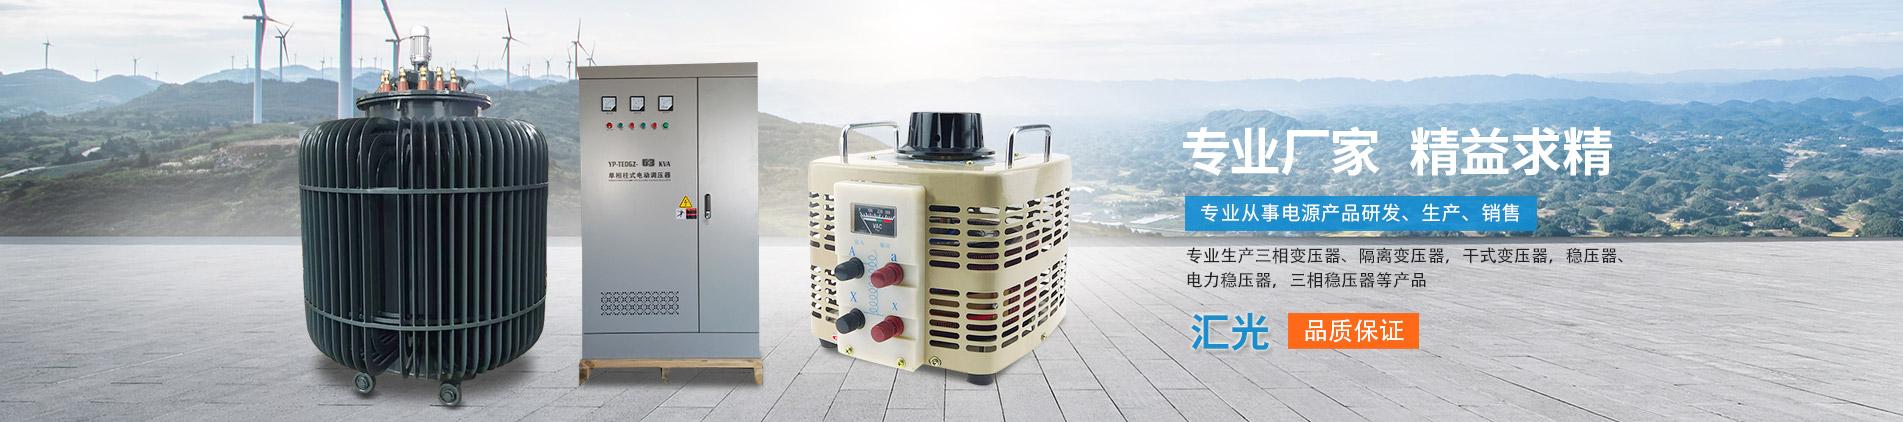 廣電通訊專用穩壓器_上海匯光電氣有限公司